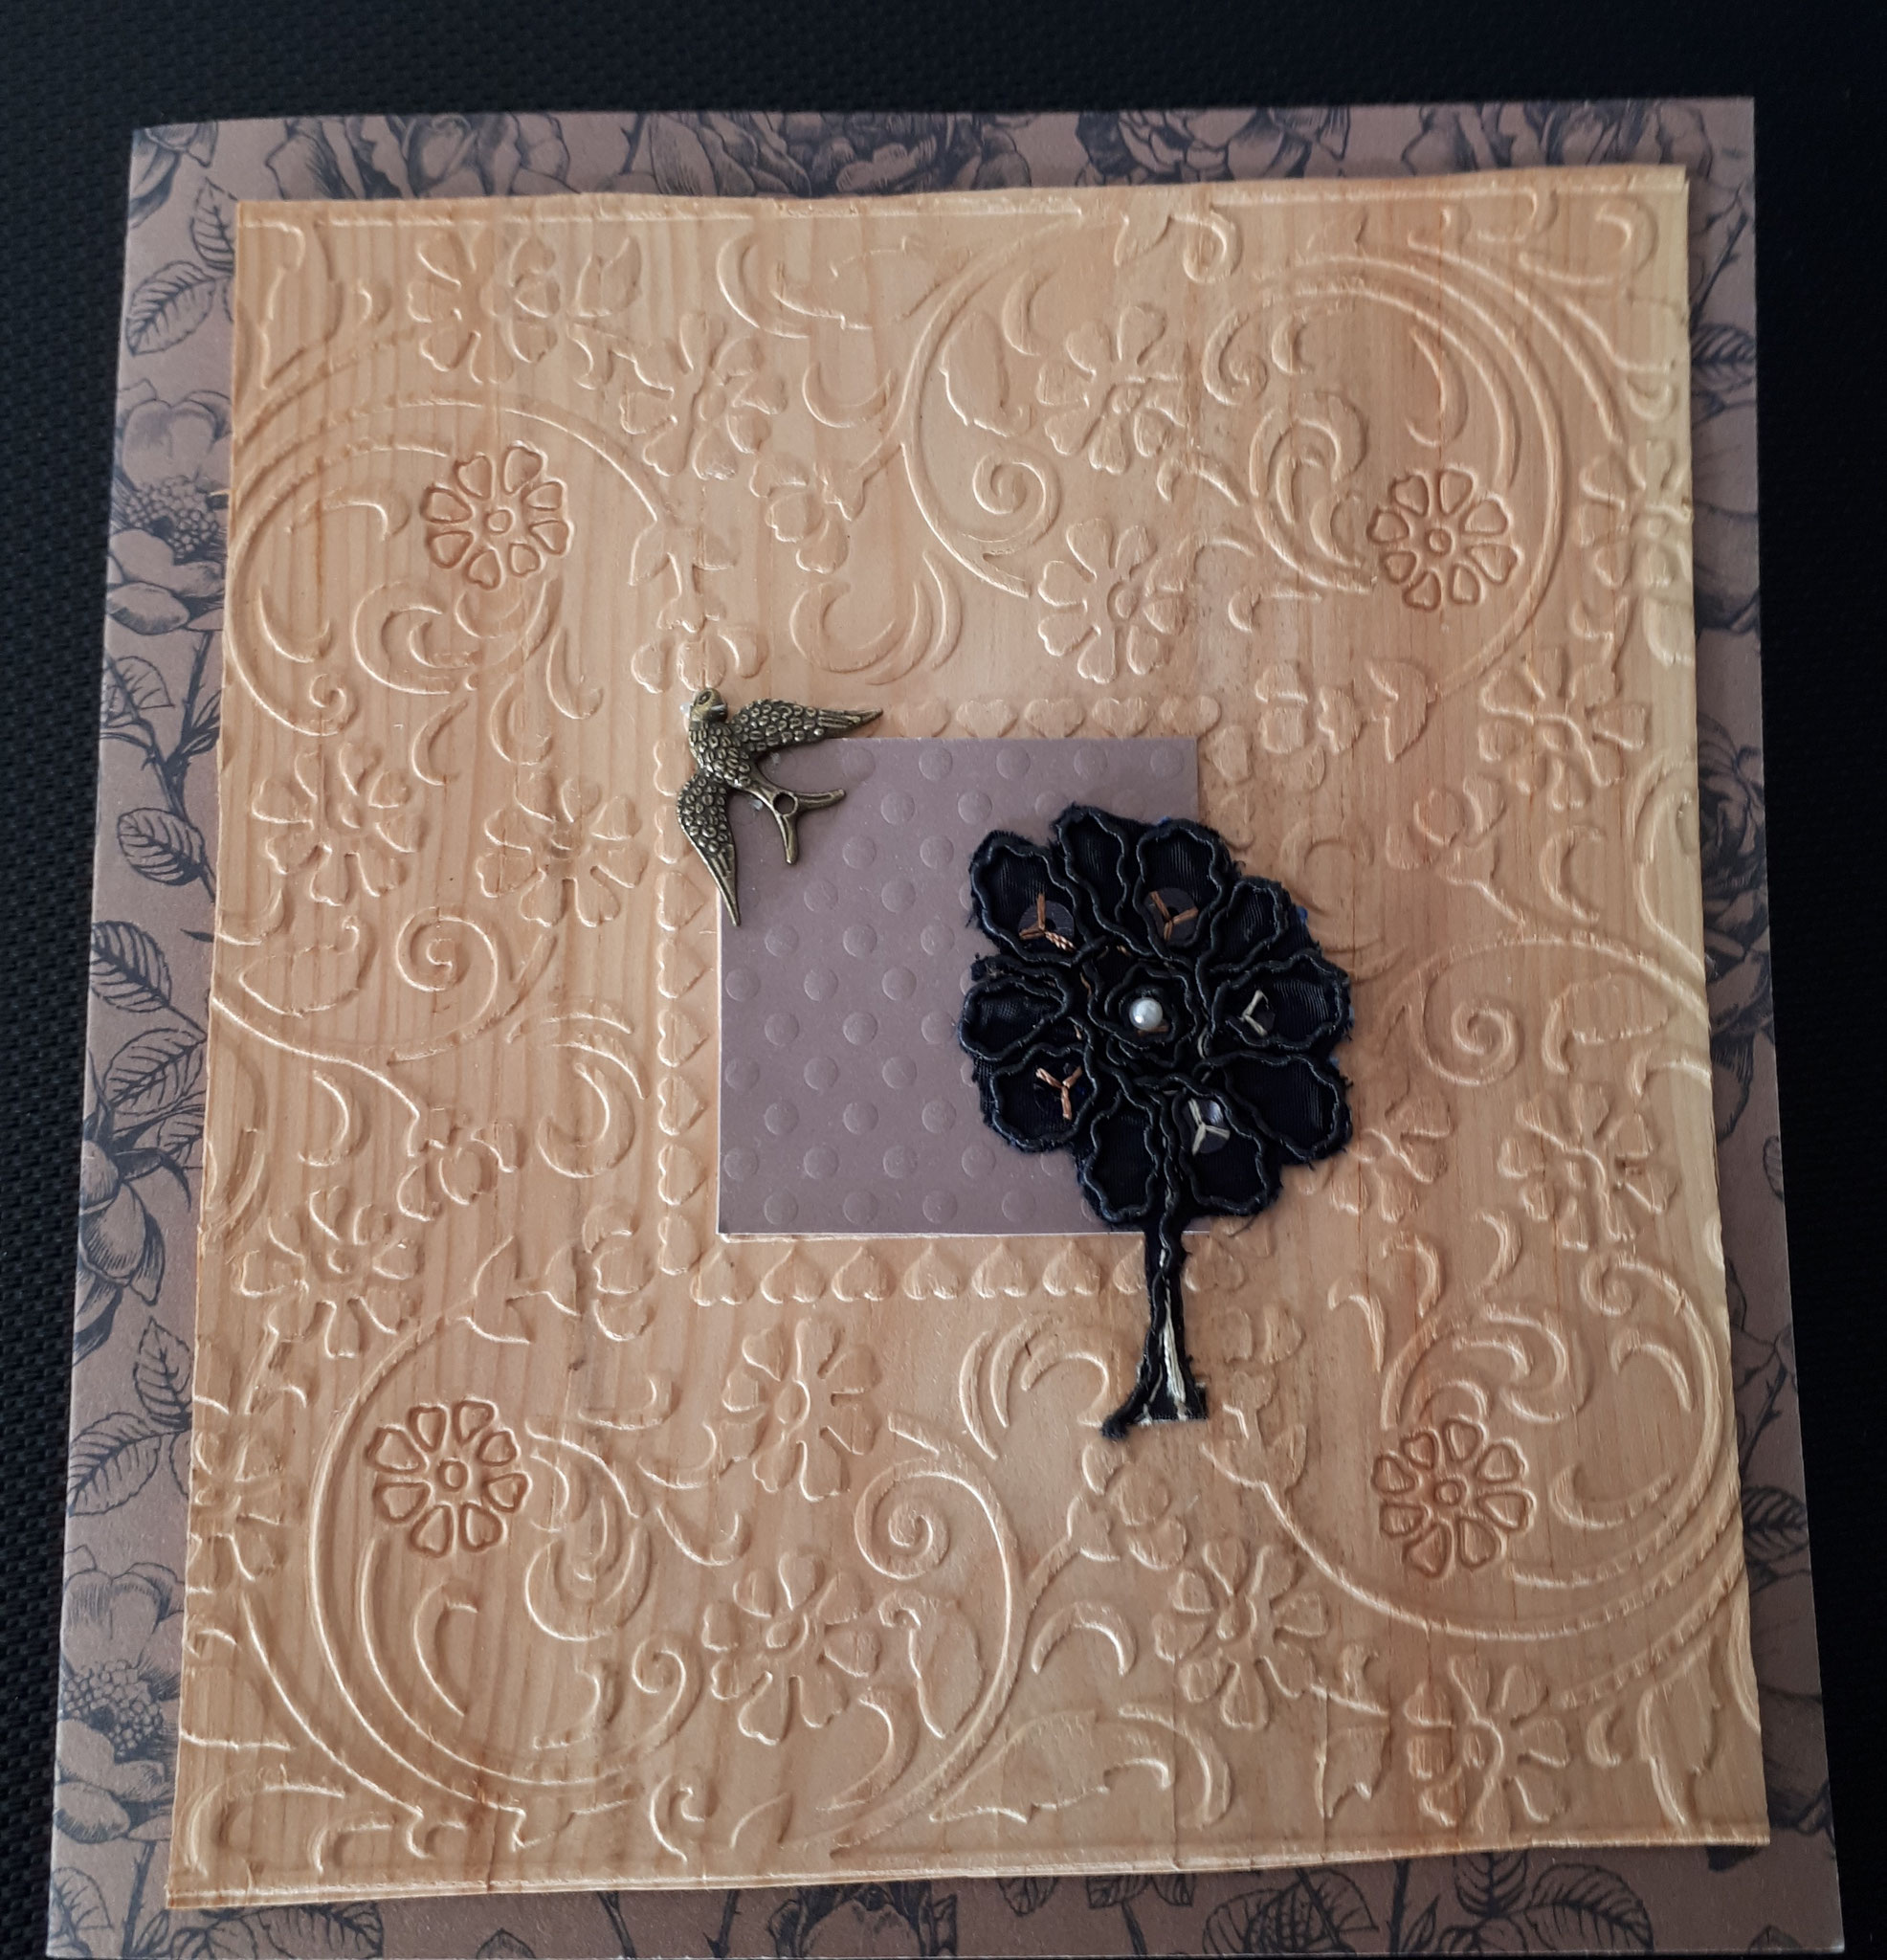 verkauft Trauerkarte mit Holz und Stoff